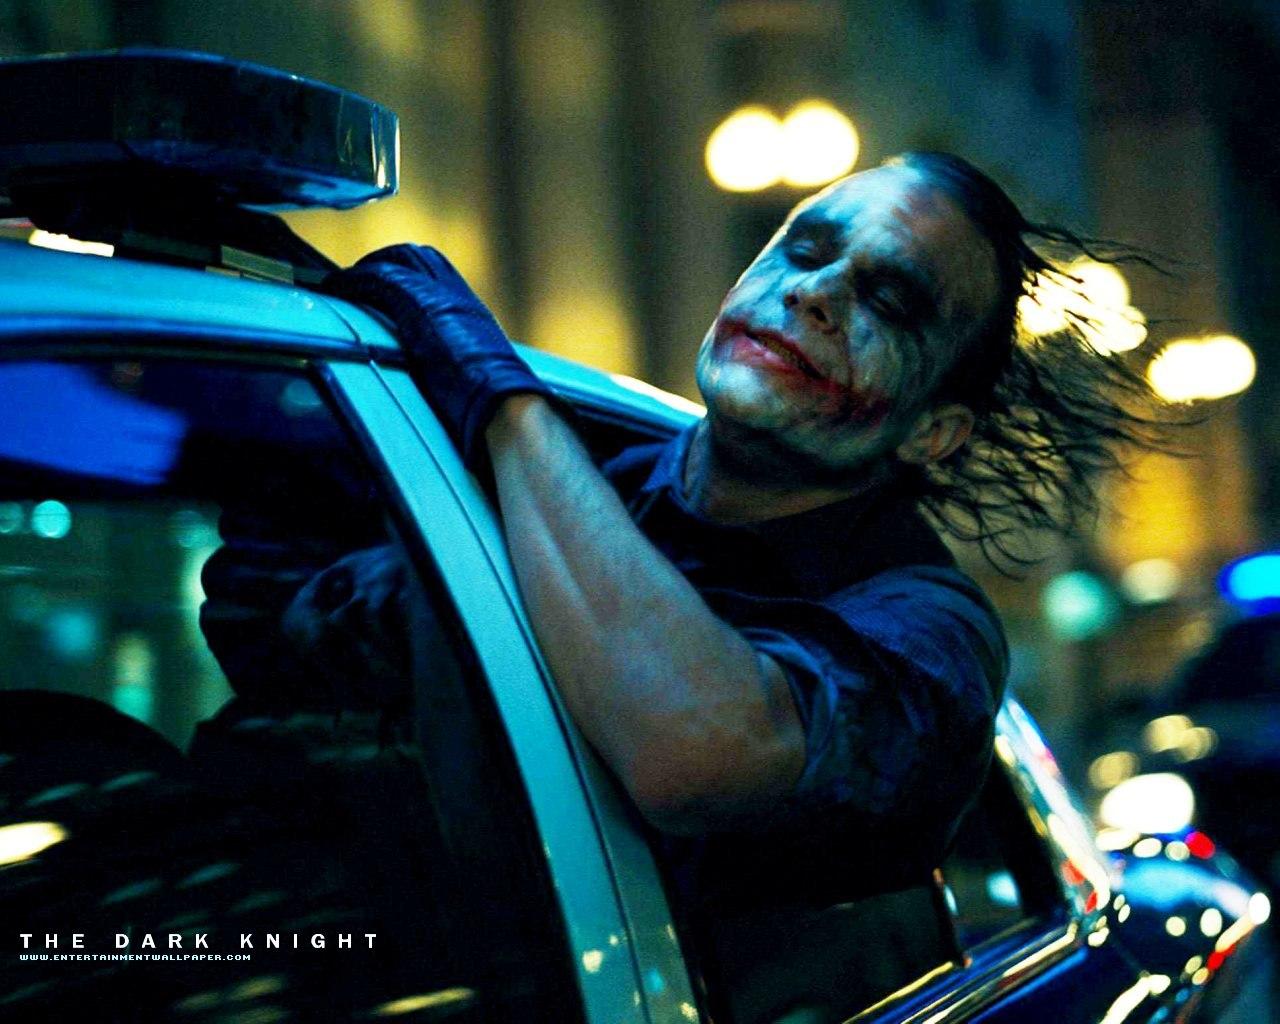 http://1.bp.blogspot.com/-lu-BWwvM8oo/Tj1SoGLtOHI/AAAAAAAAAZU/JPq6dvsd9jA/s1600/the_dark_knight21.jpg